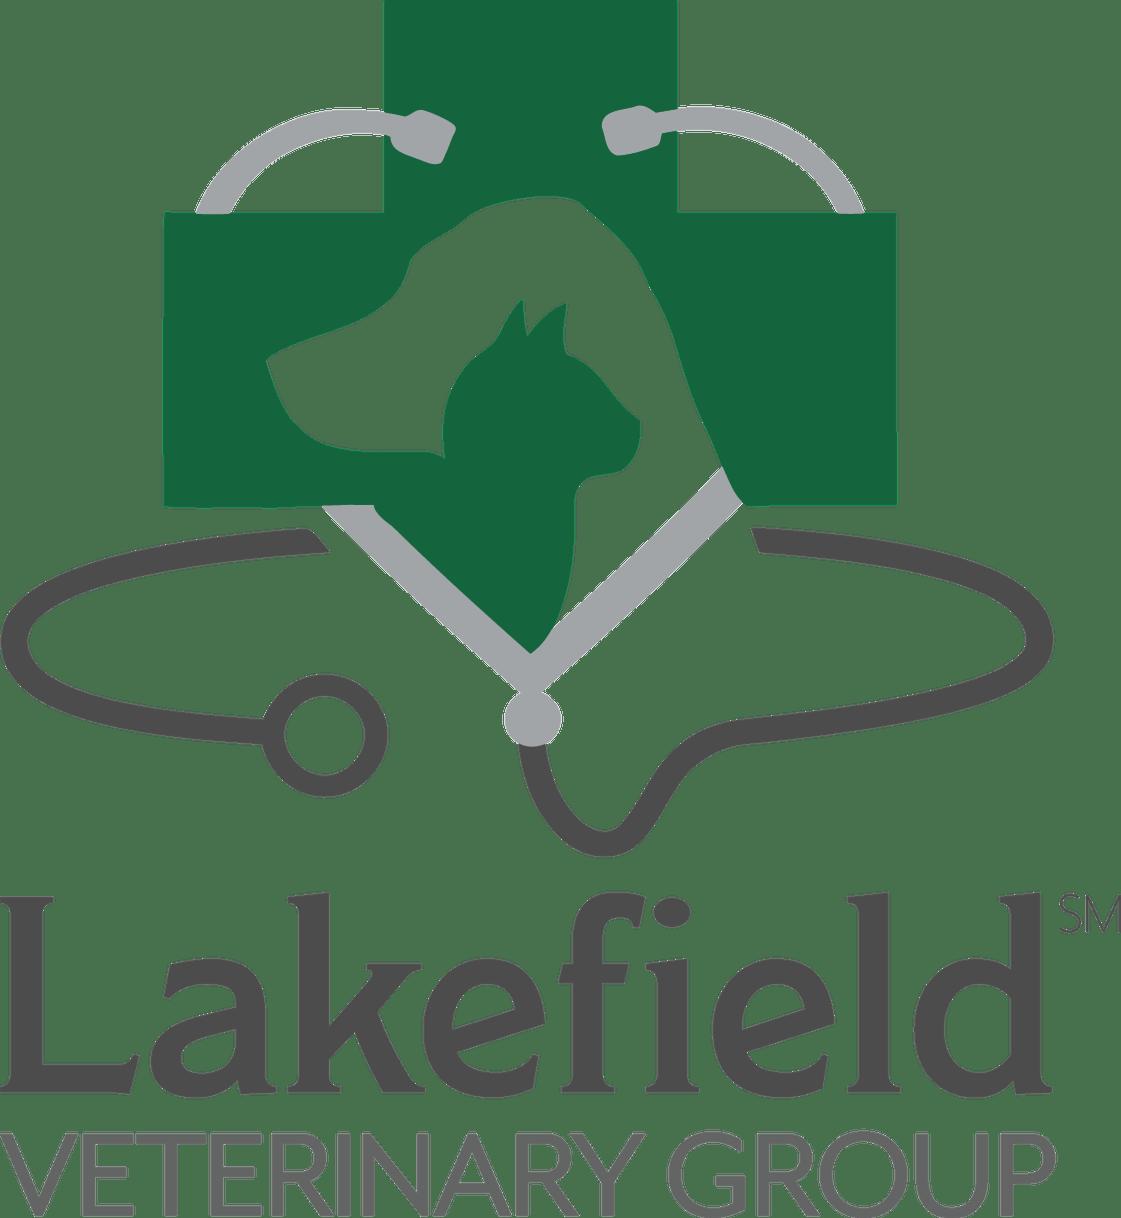 Lakefield Veterinary Group